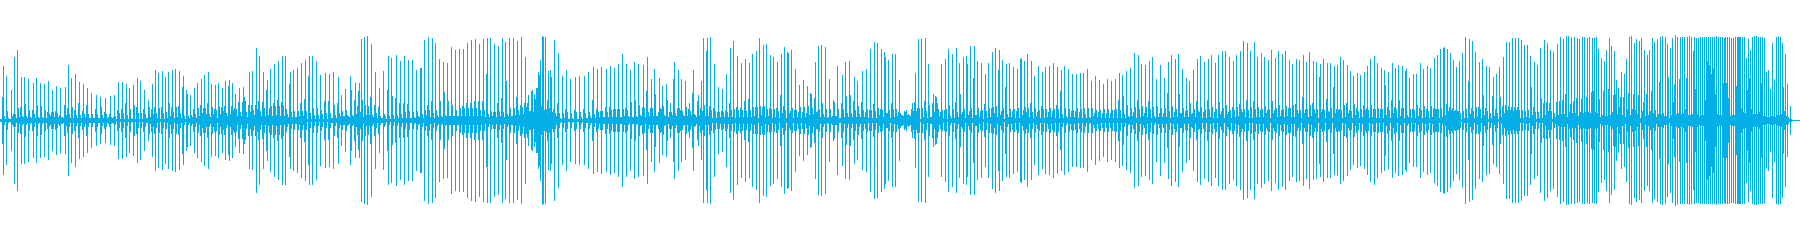 おならホットチリブラストスロードローンの再生済みの波形